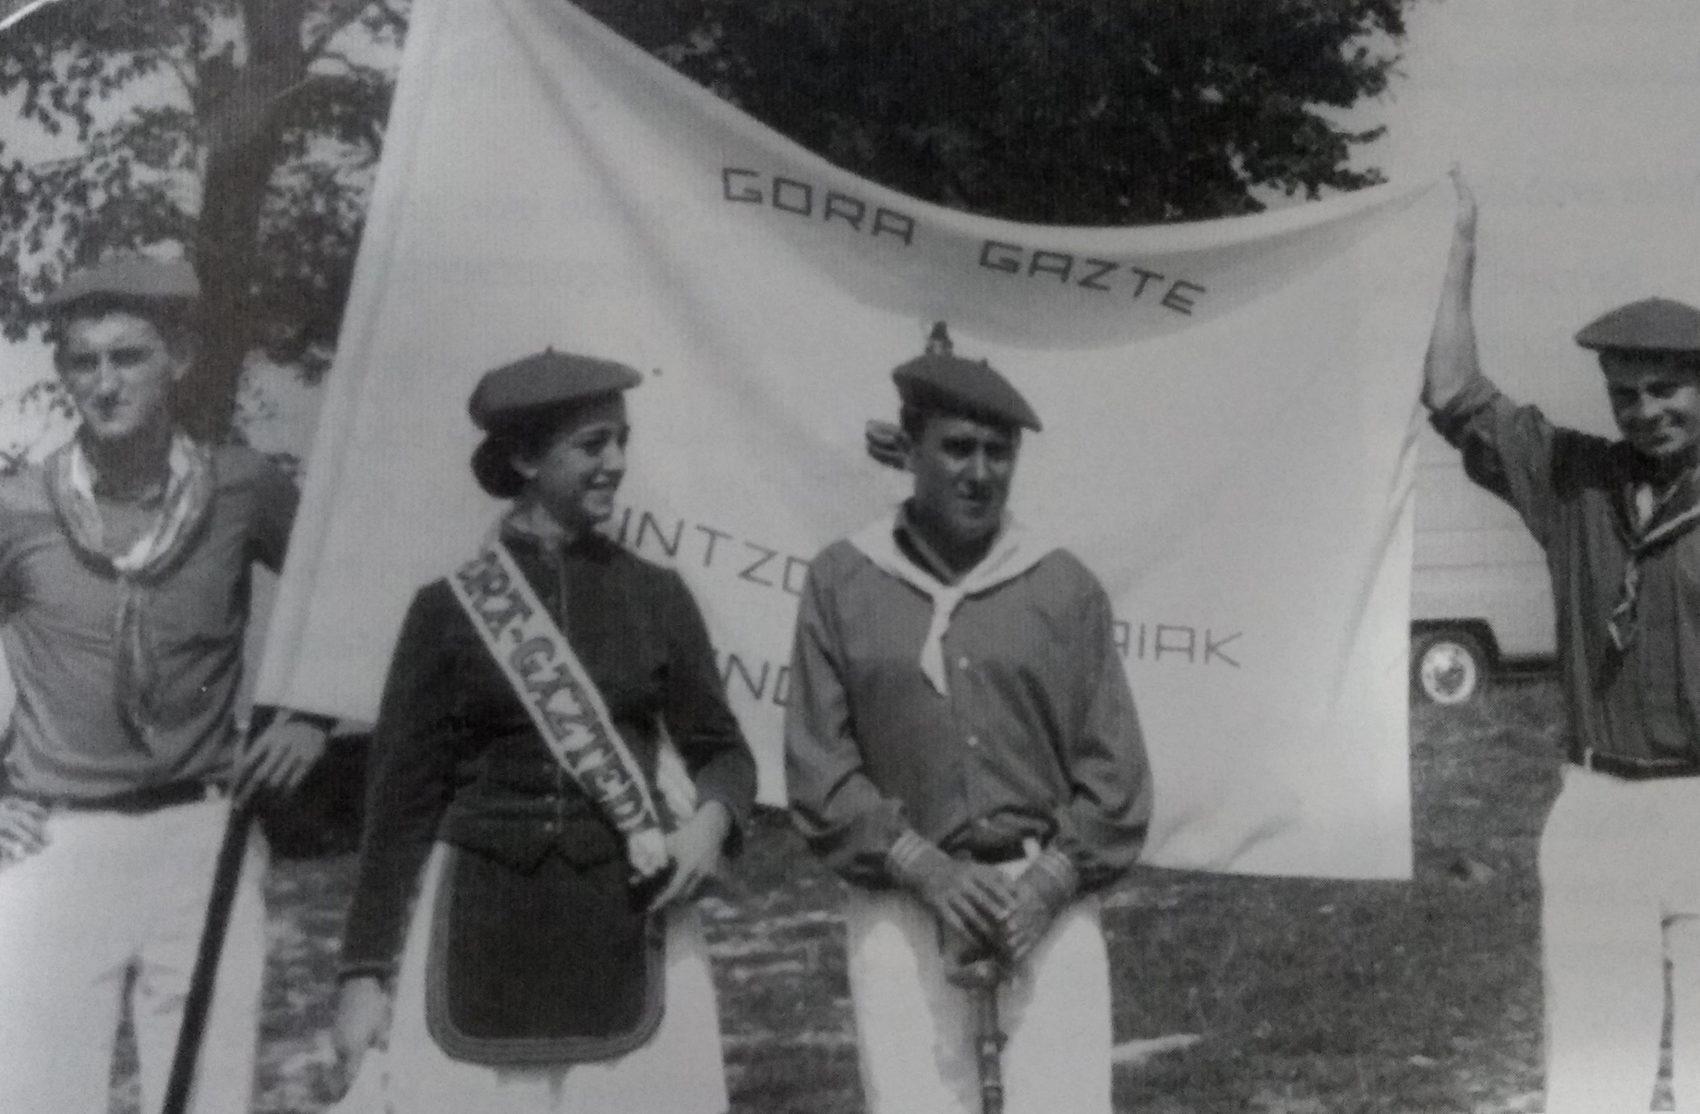 Anutxi Lazkanotegi cantinera y capitán Beñardo Virto, el primer año que salió la nueva bandera.